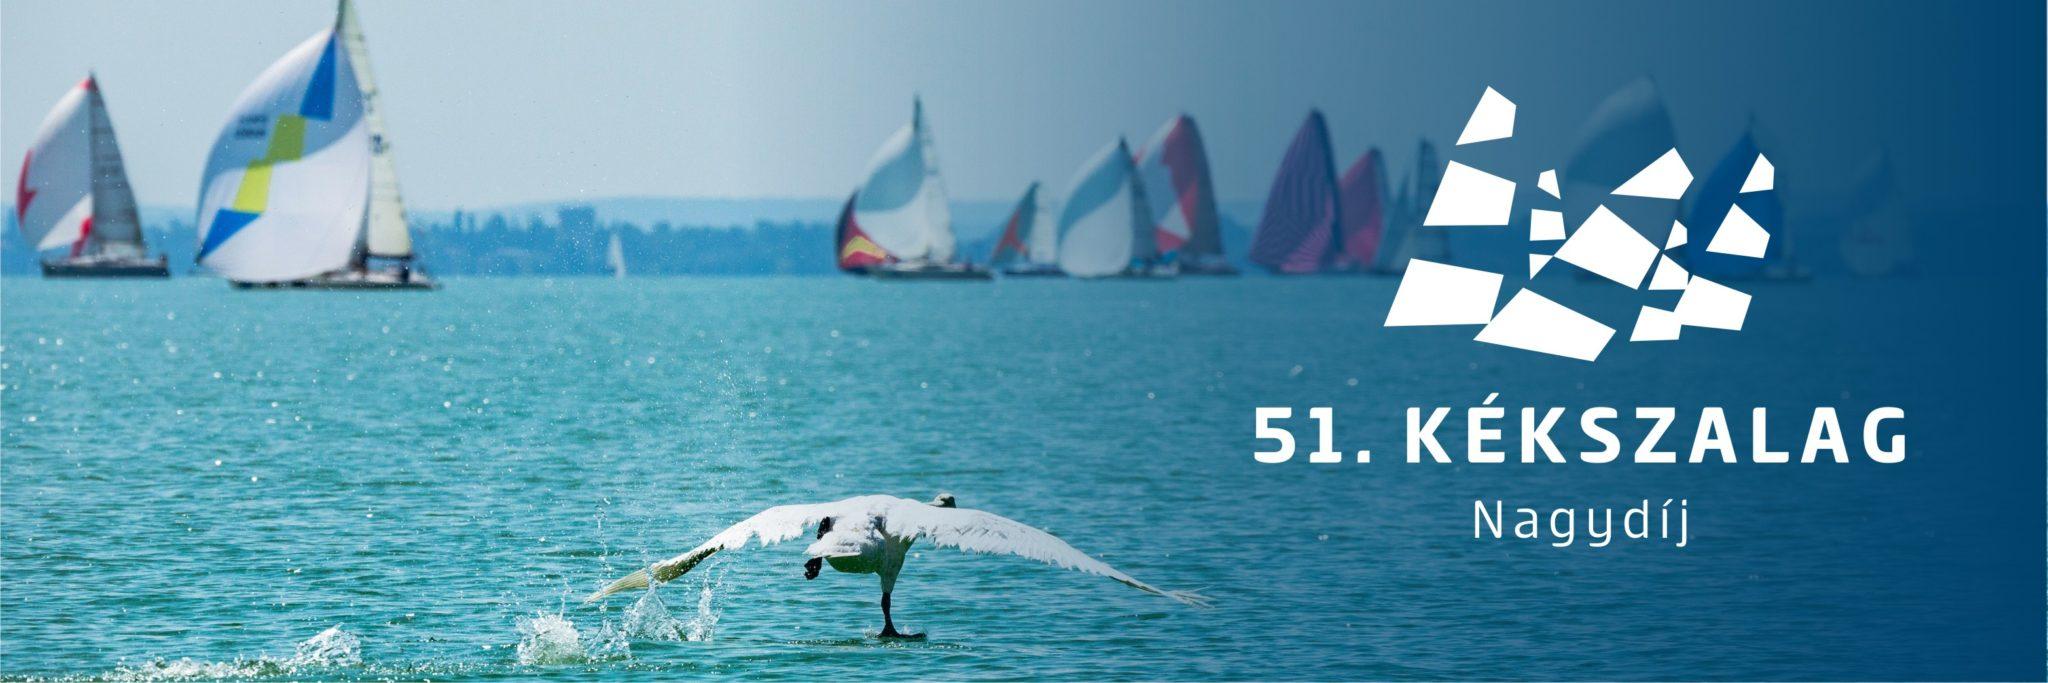 Az első 20 befutó és a We Love Sailing esete a széllel